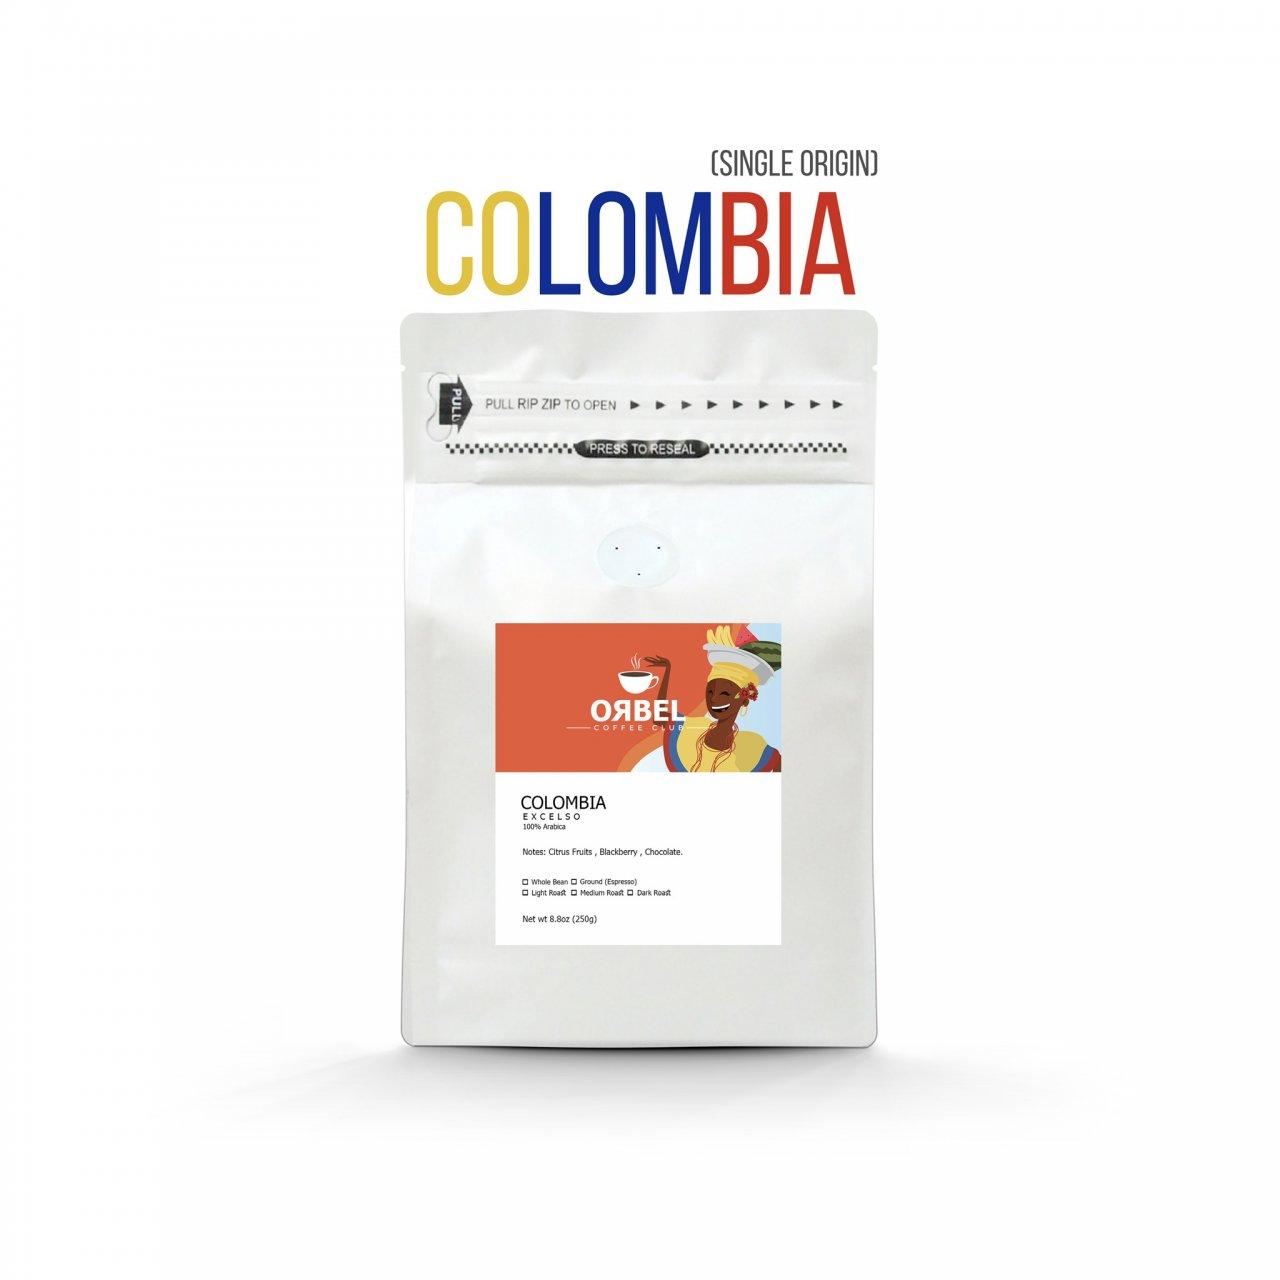 دانه قهوه اربل مدل کلمبیا اکسلسو سینگل اورجین ۲۵۰ گرم